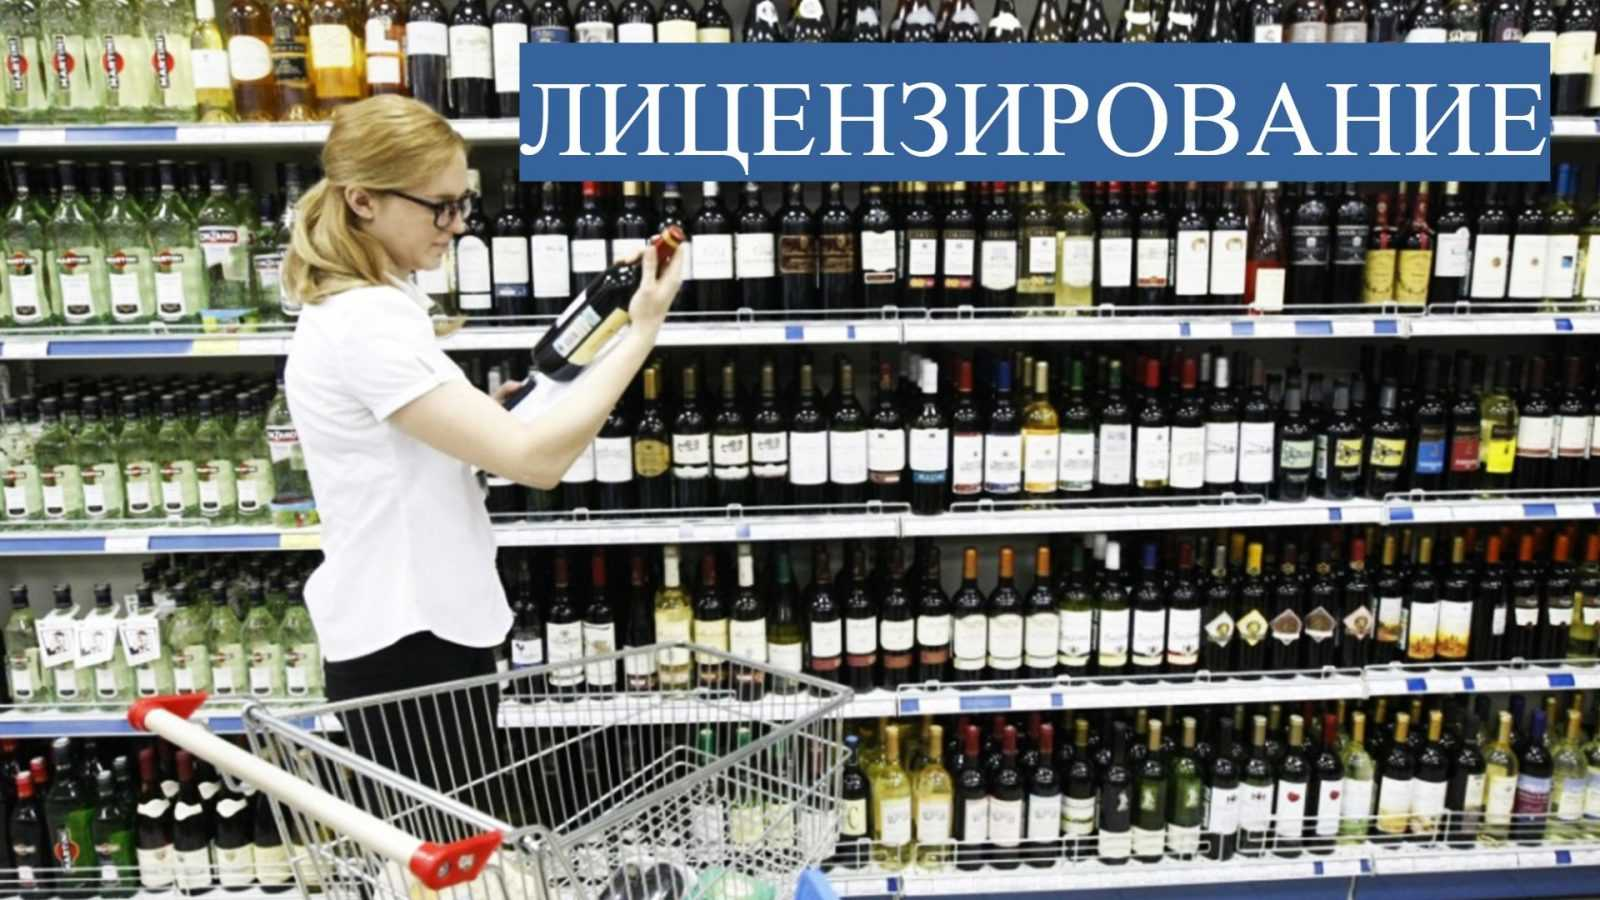 Торговля спиртным и табачными изделиями купить одноразовую сигарету волгоград